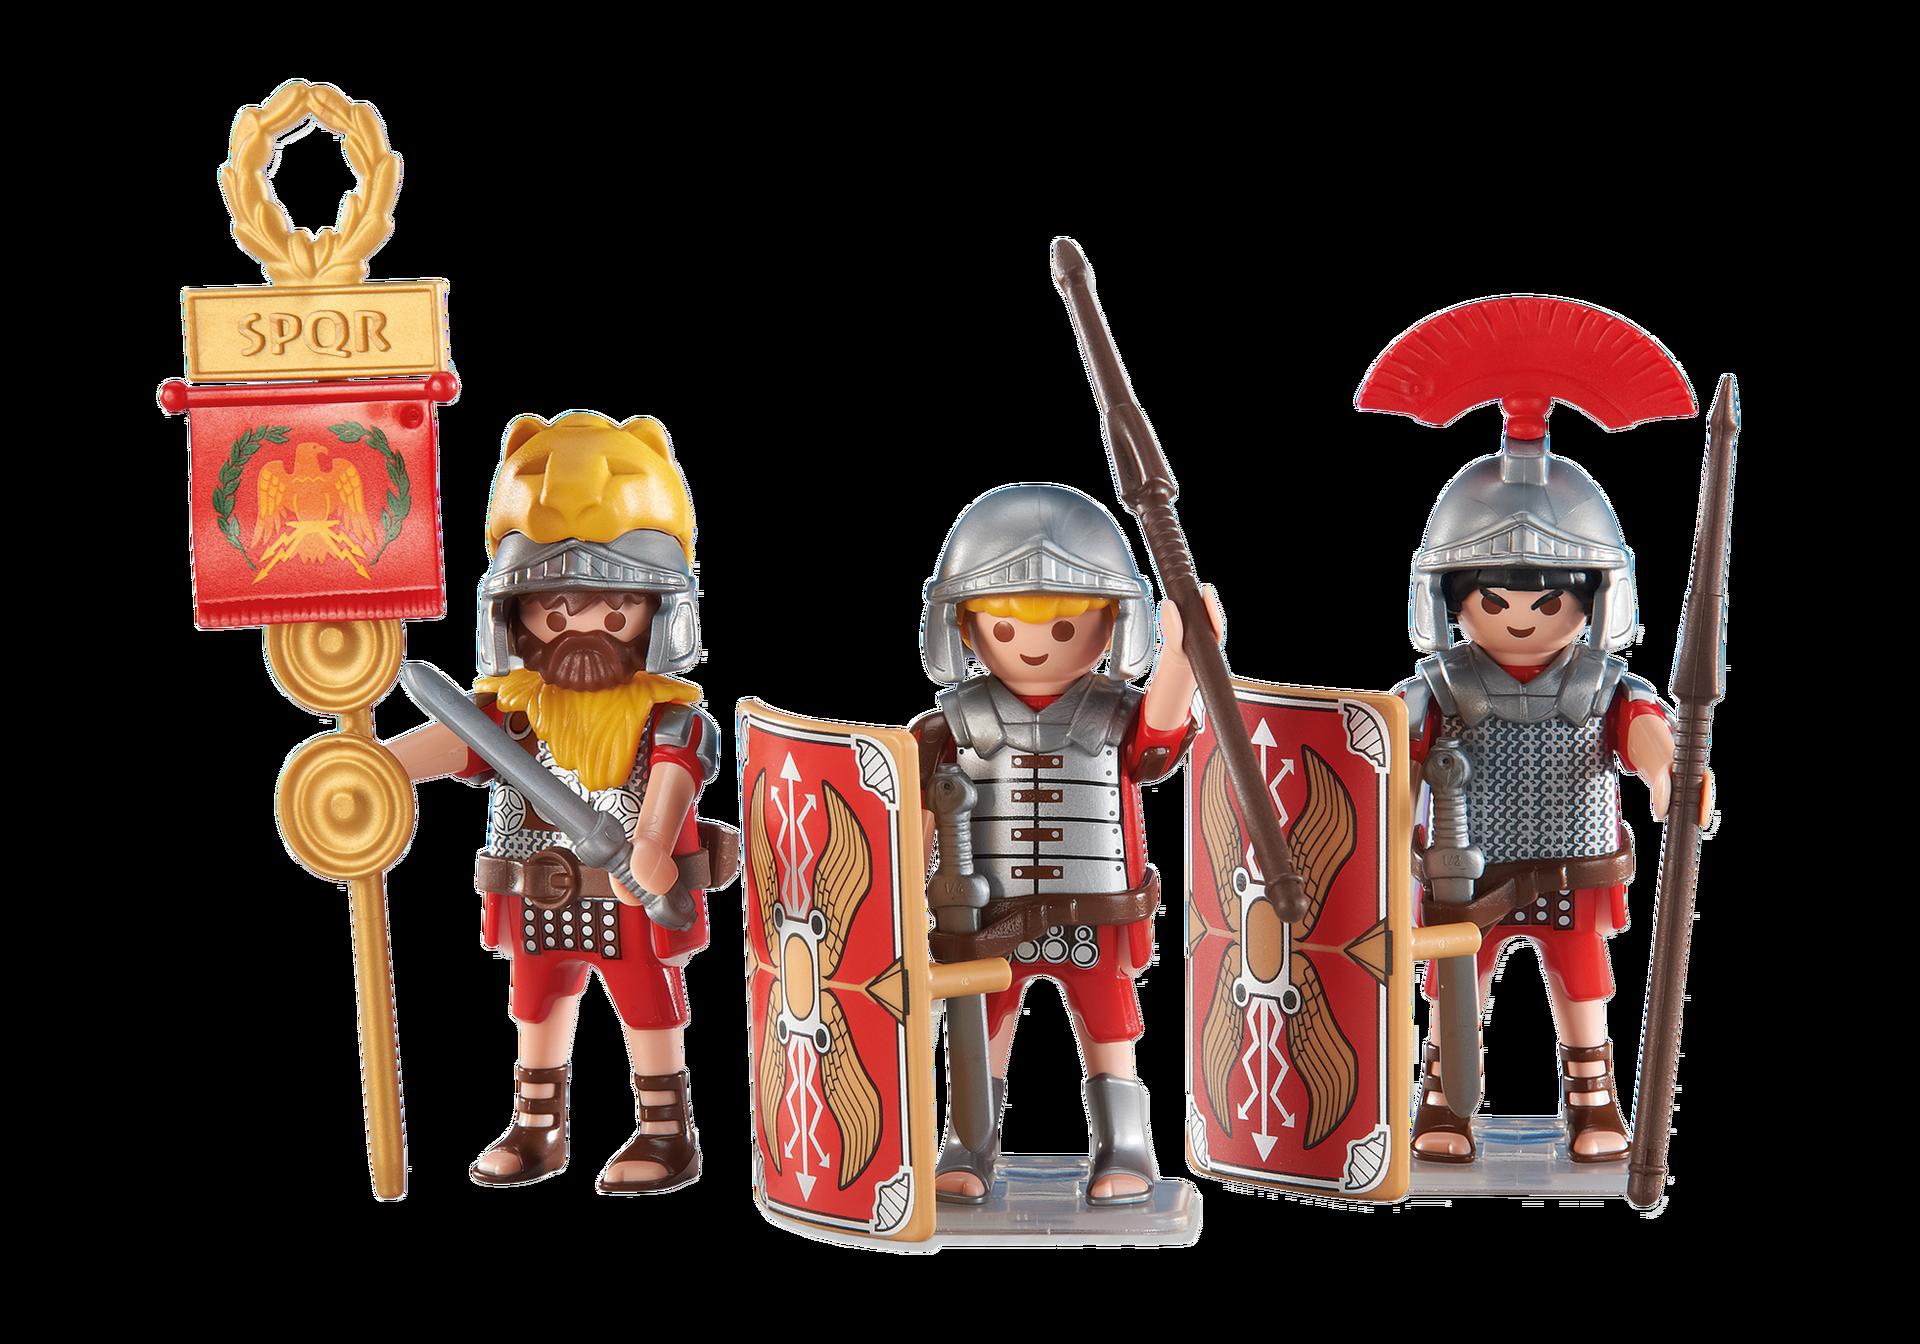 Ausmalbilder Römer Playmobil : Pin Von Christine Christ Auf Bibelspiele Pinterest Bibelspiele